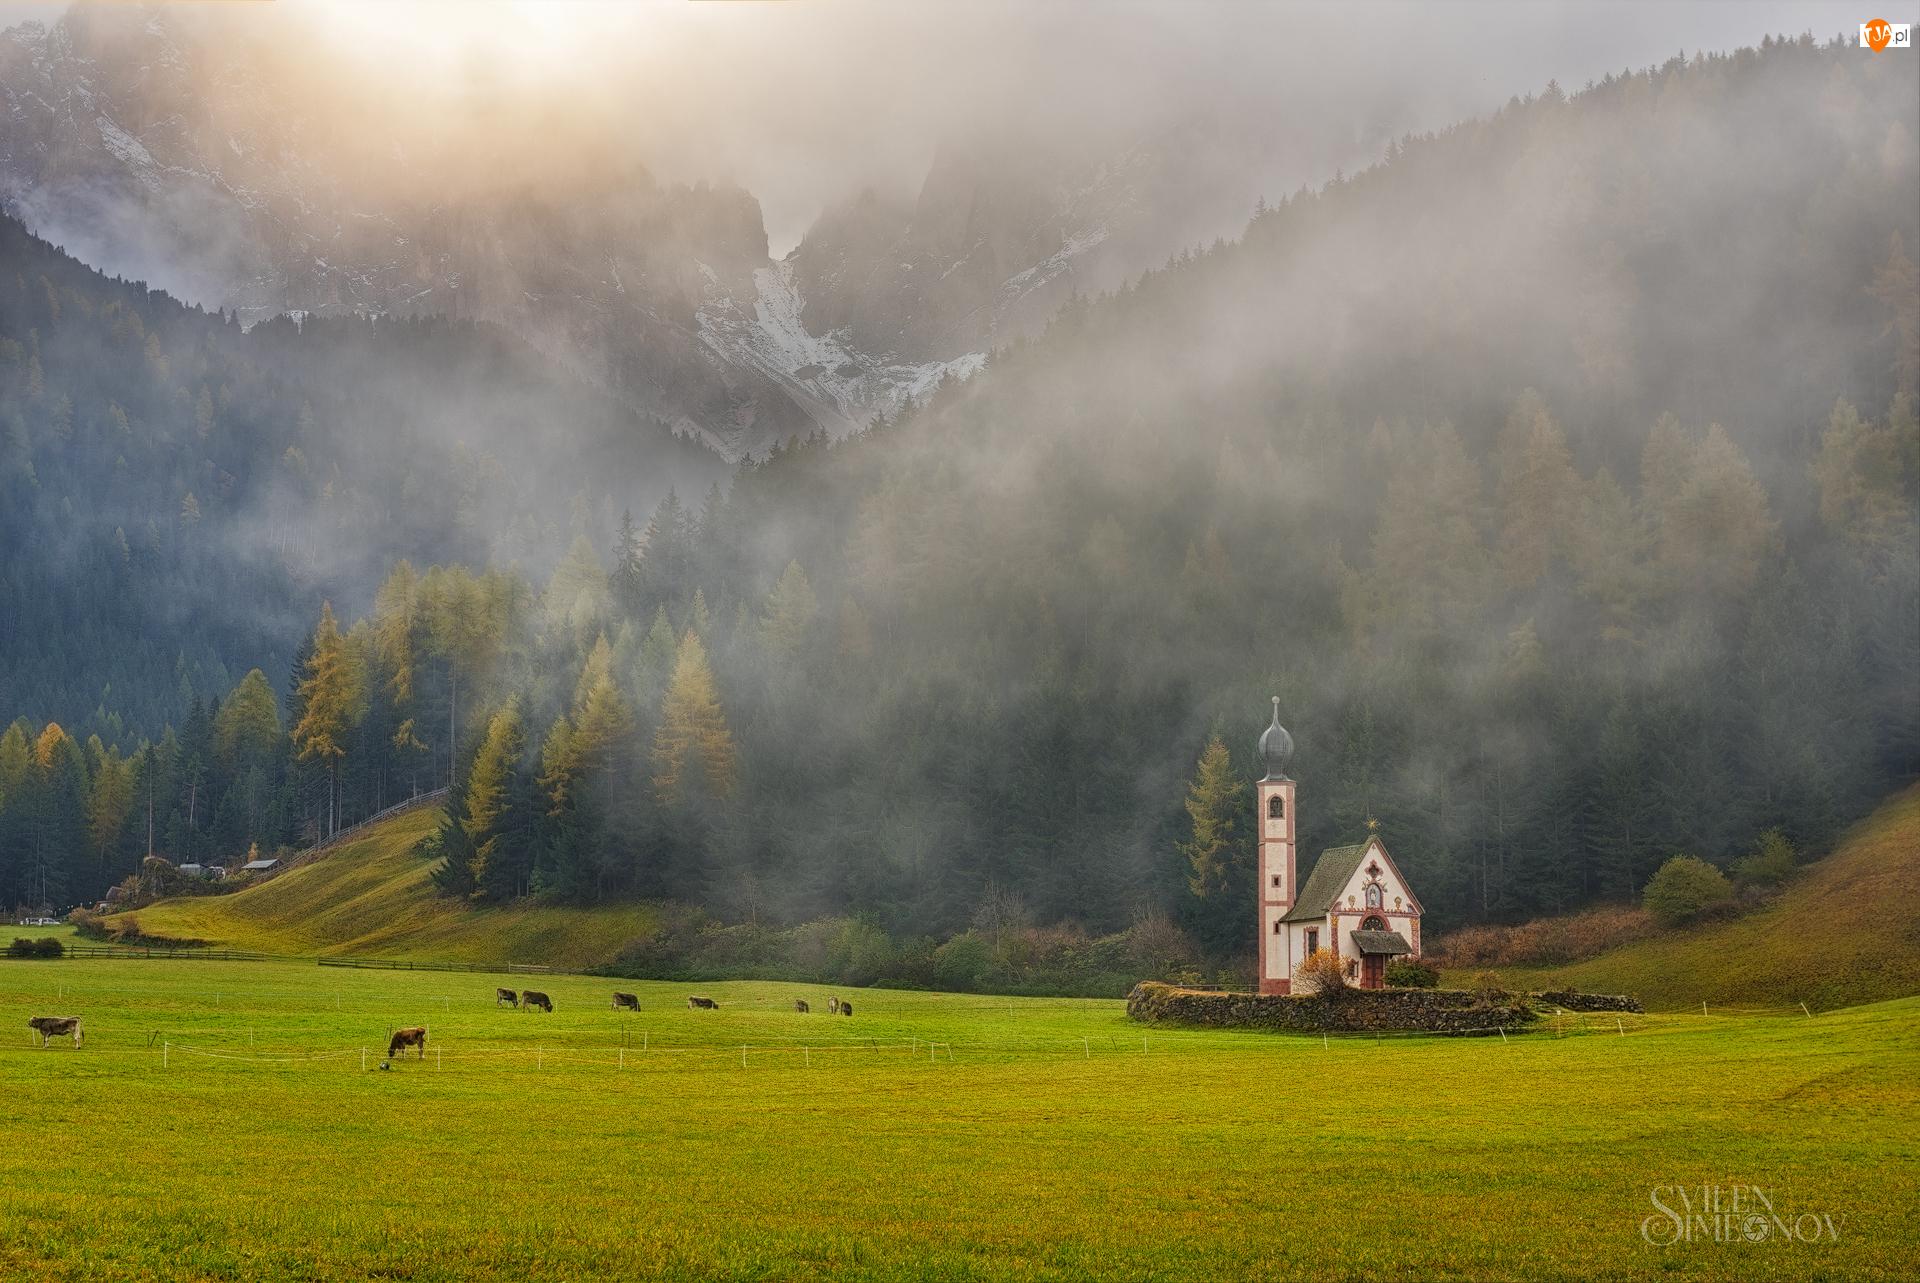 Włochy, Góry, Dolomity, Krowy, Kościół św. Jana, Dolina Val di Funes, Lasy, Wzgórza, Mgła, Prowincja Bolzano